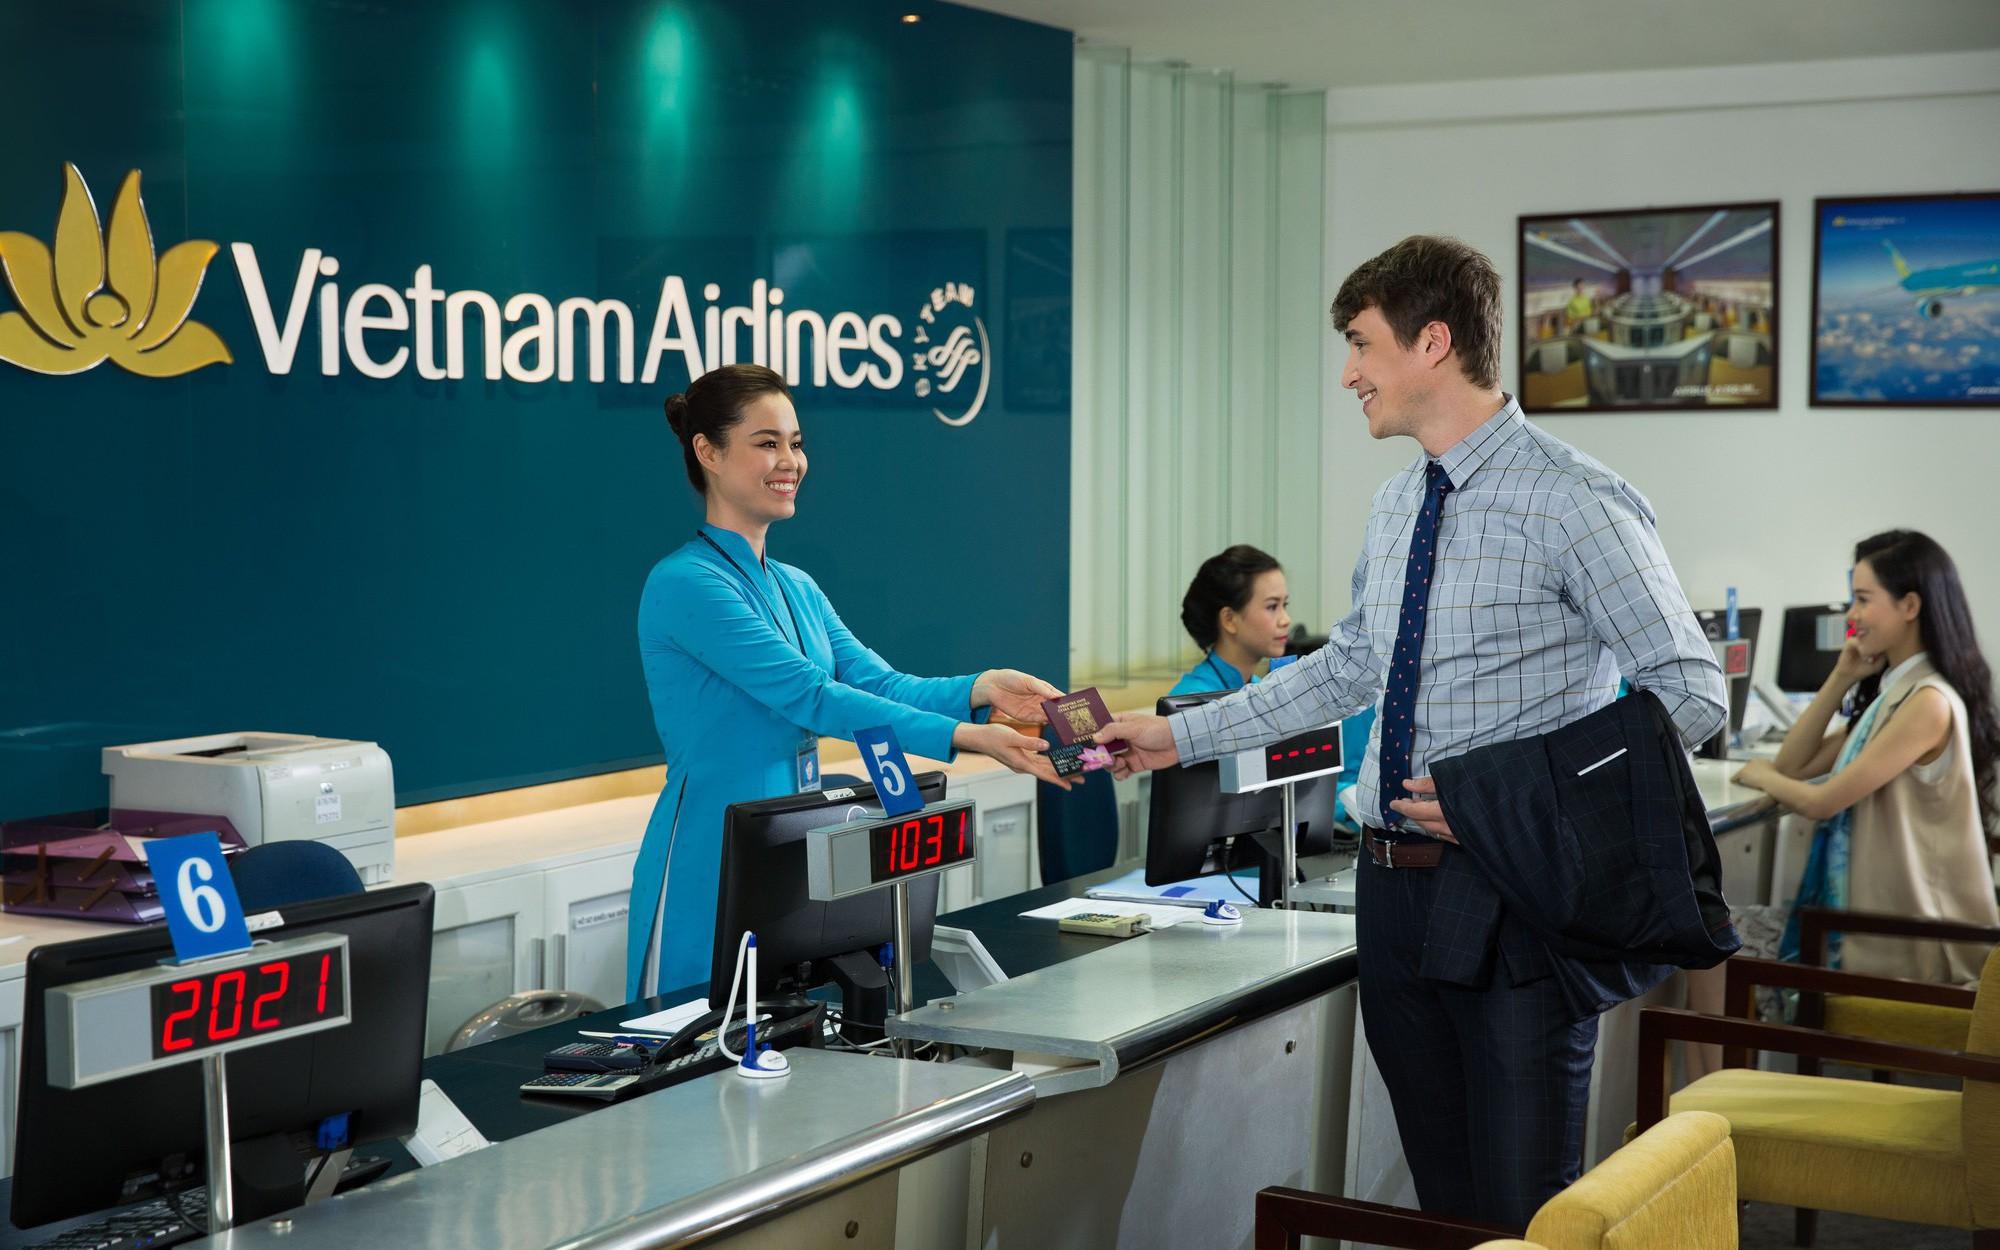 Vietnam Airlines và Jetstar mở bán gần 2 triệu vé phục vụ Tết nguyên đán, khuyến cáo người dân trước tình trạng vé giả